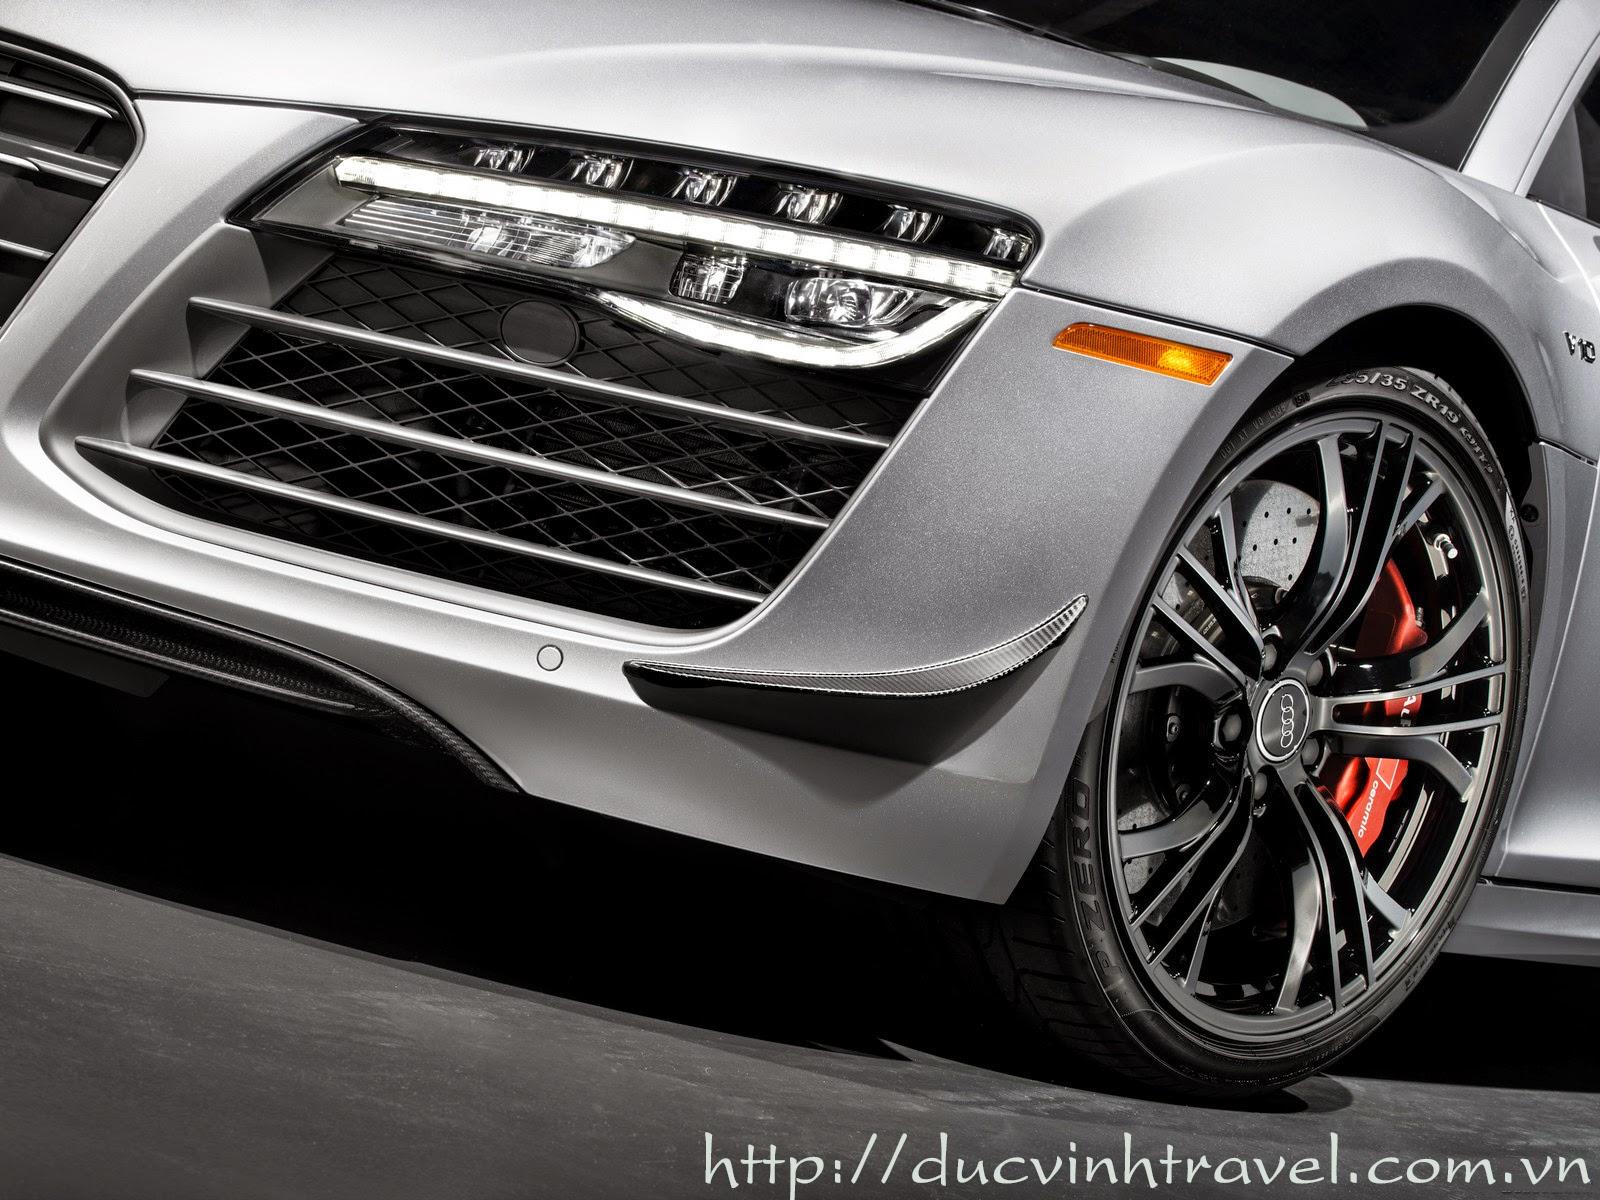 Audi A8 Competition sắp ra mắt làng xe thế giới